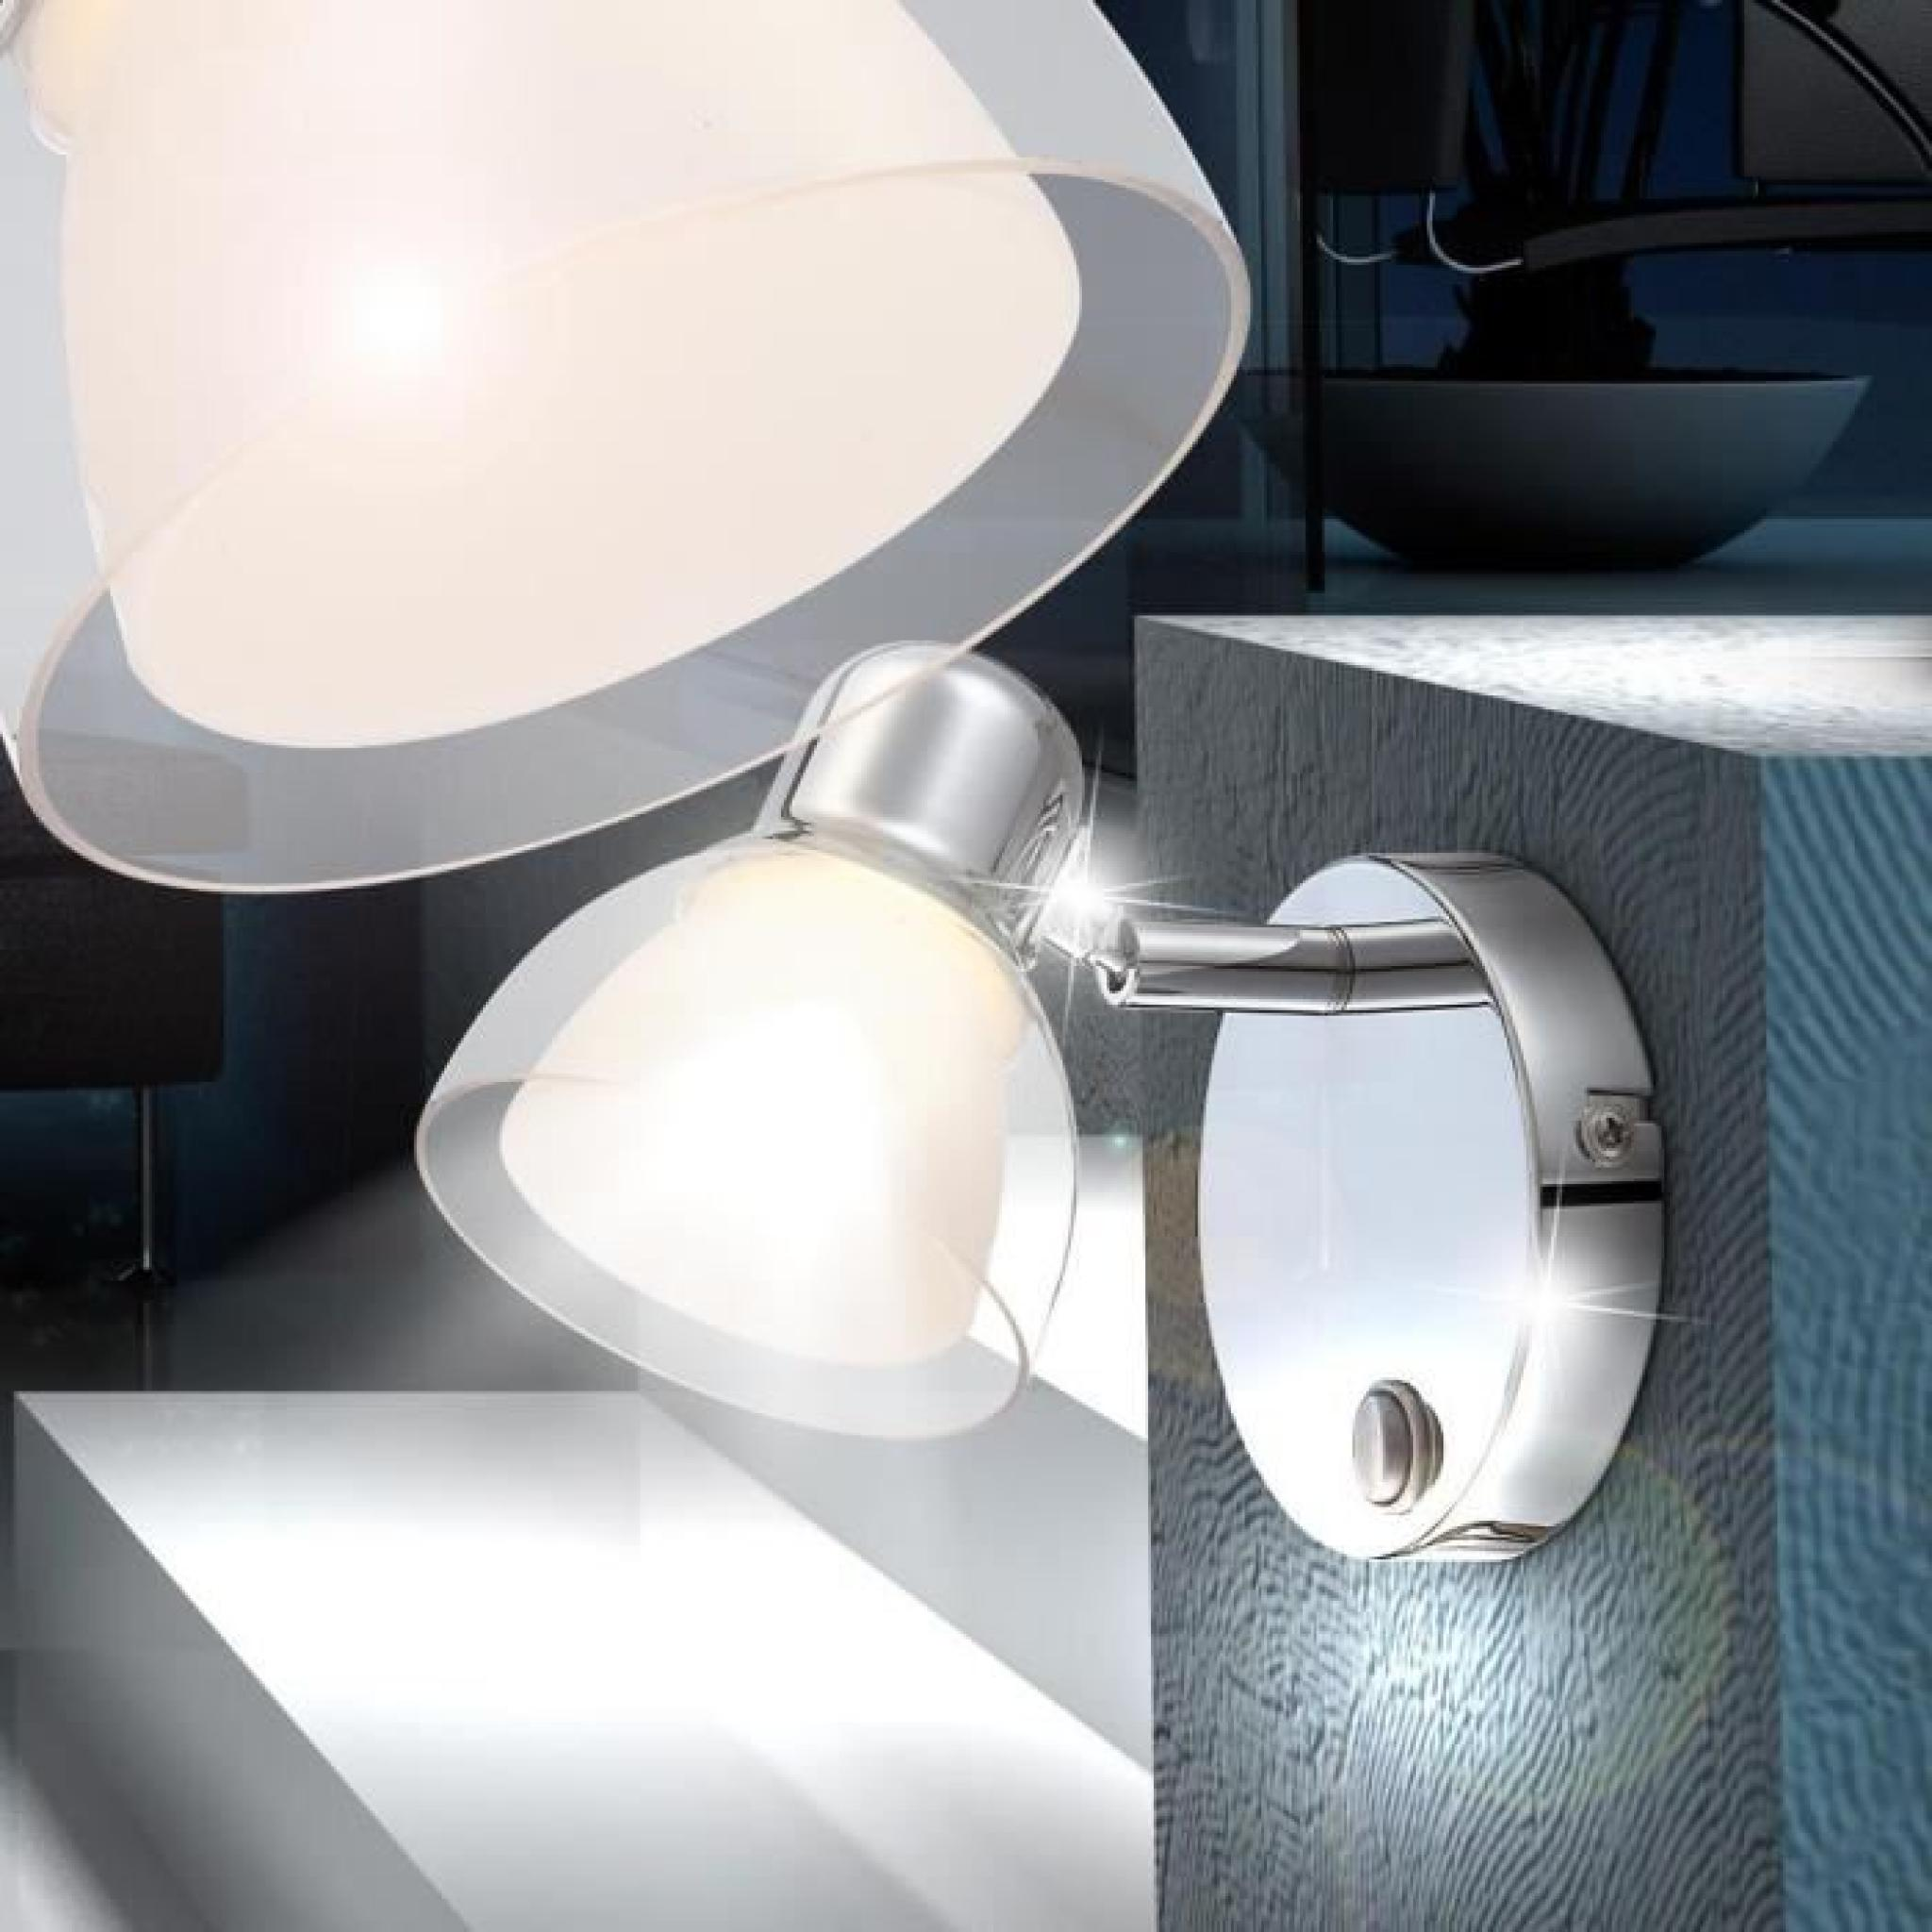 éclairage Applique Del 4 Watts Lampe Spots Mobiles Chrome Luminaire